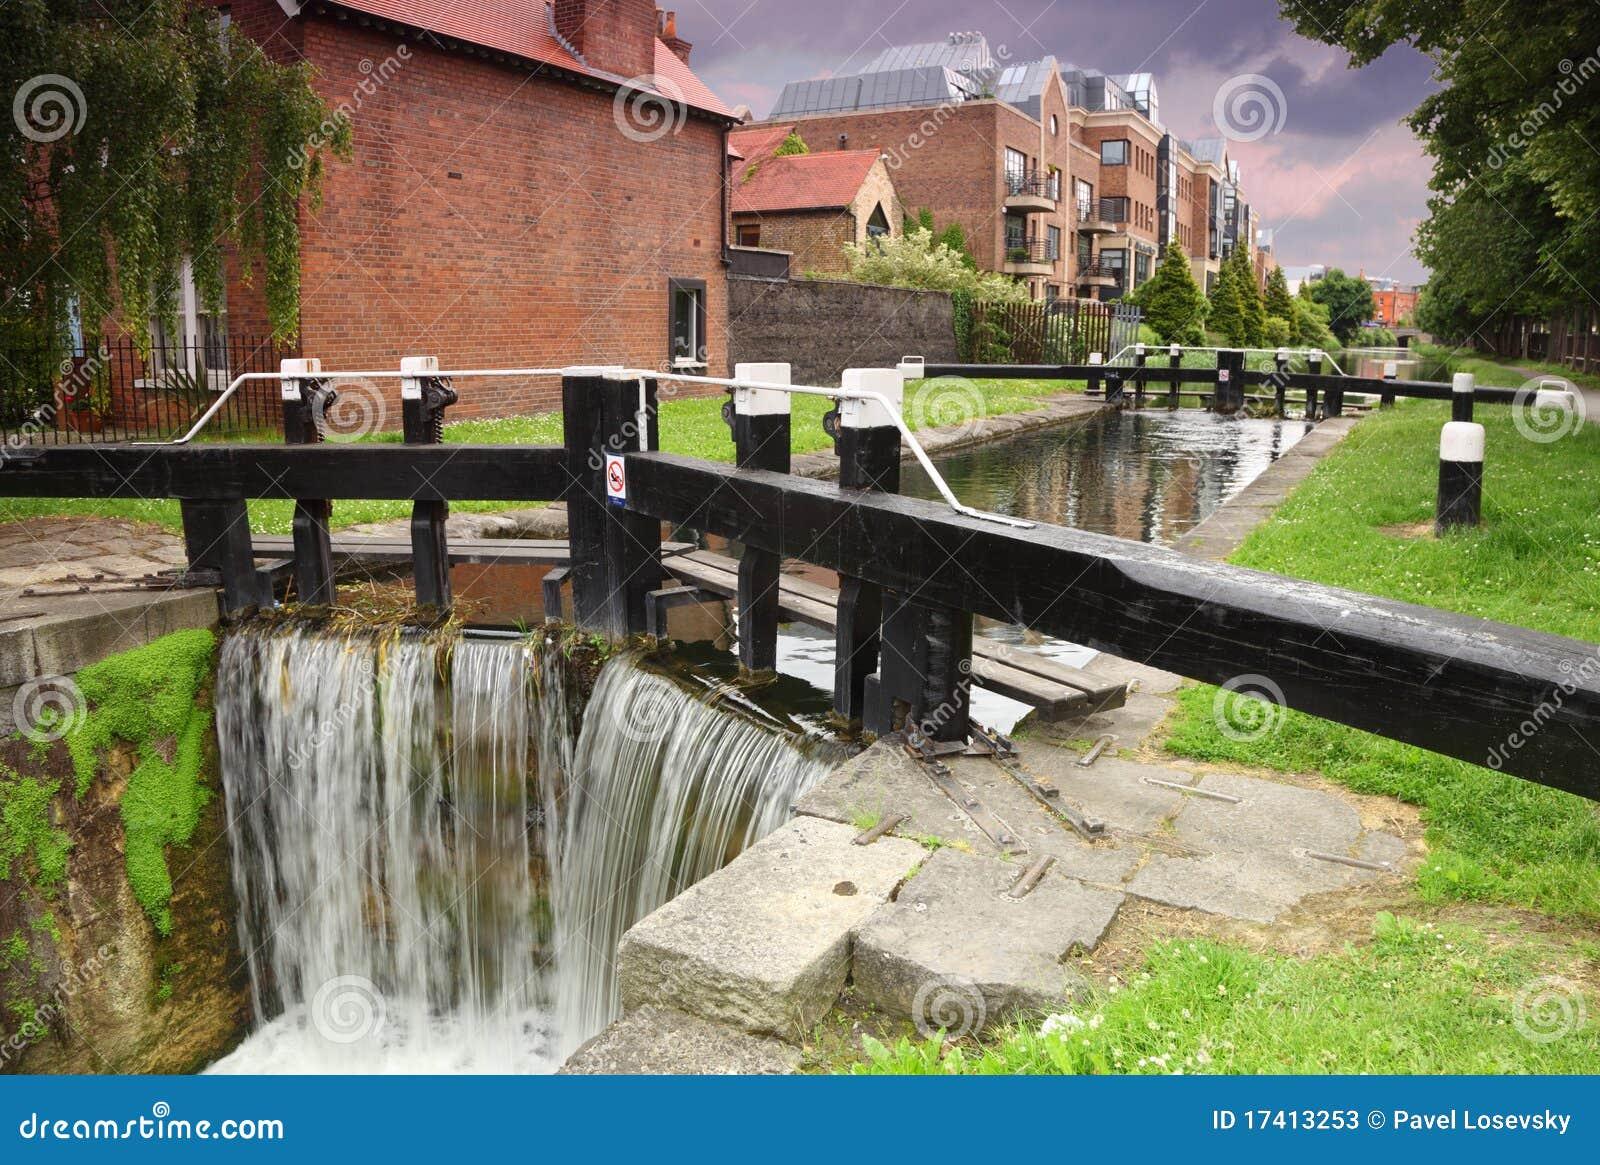 cascada y r o artificiales peque as casas fotos de